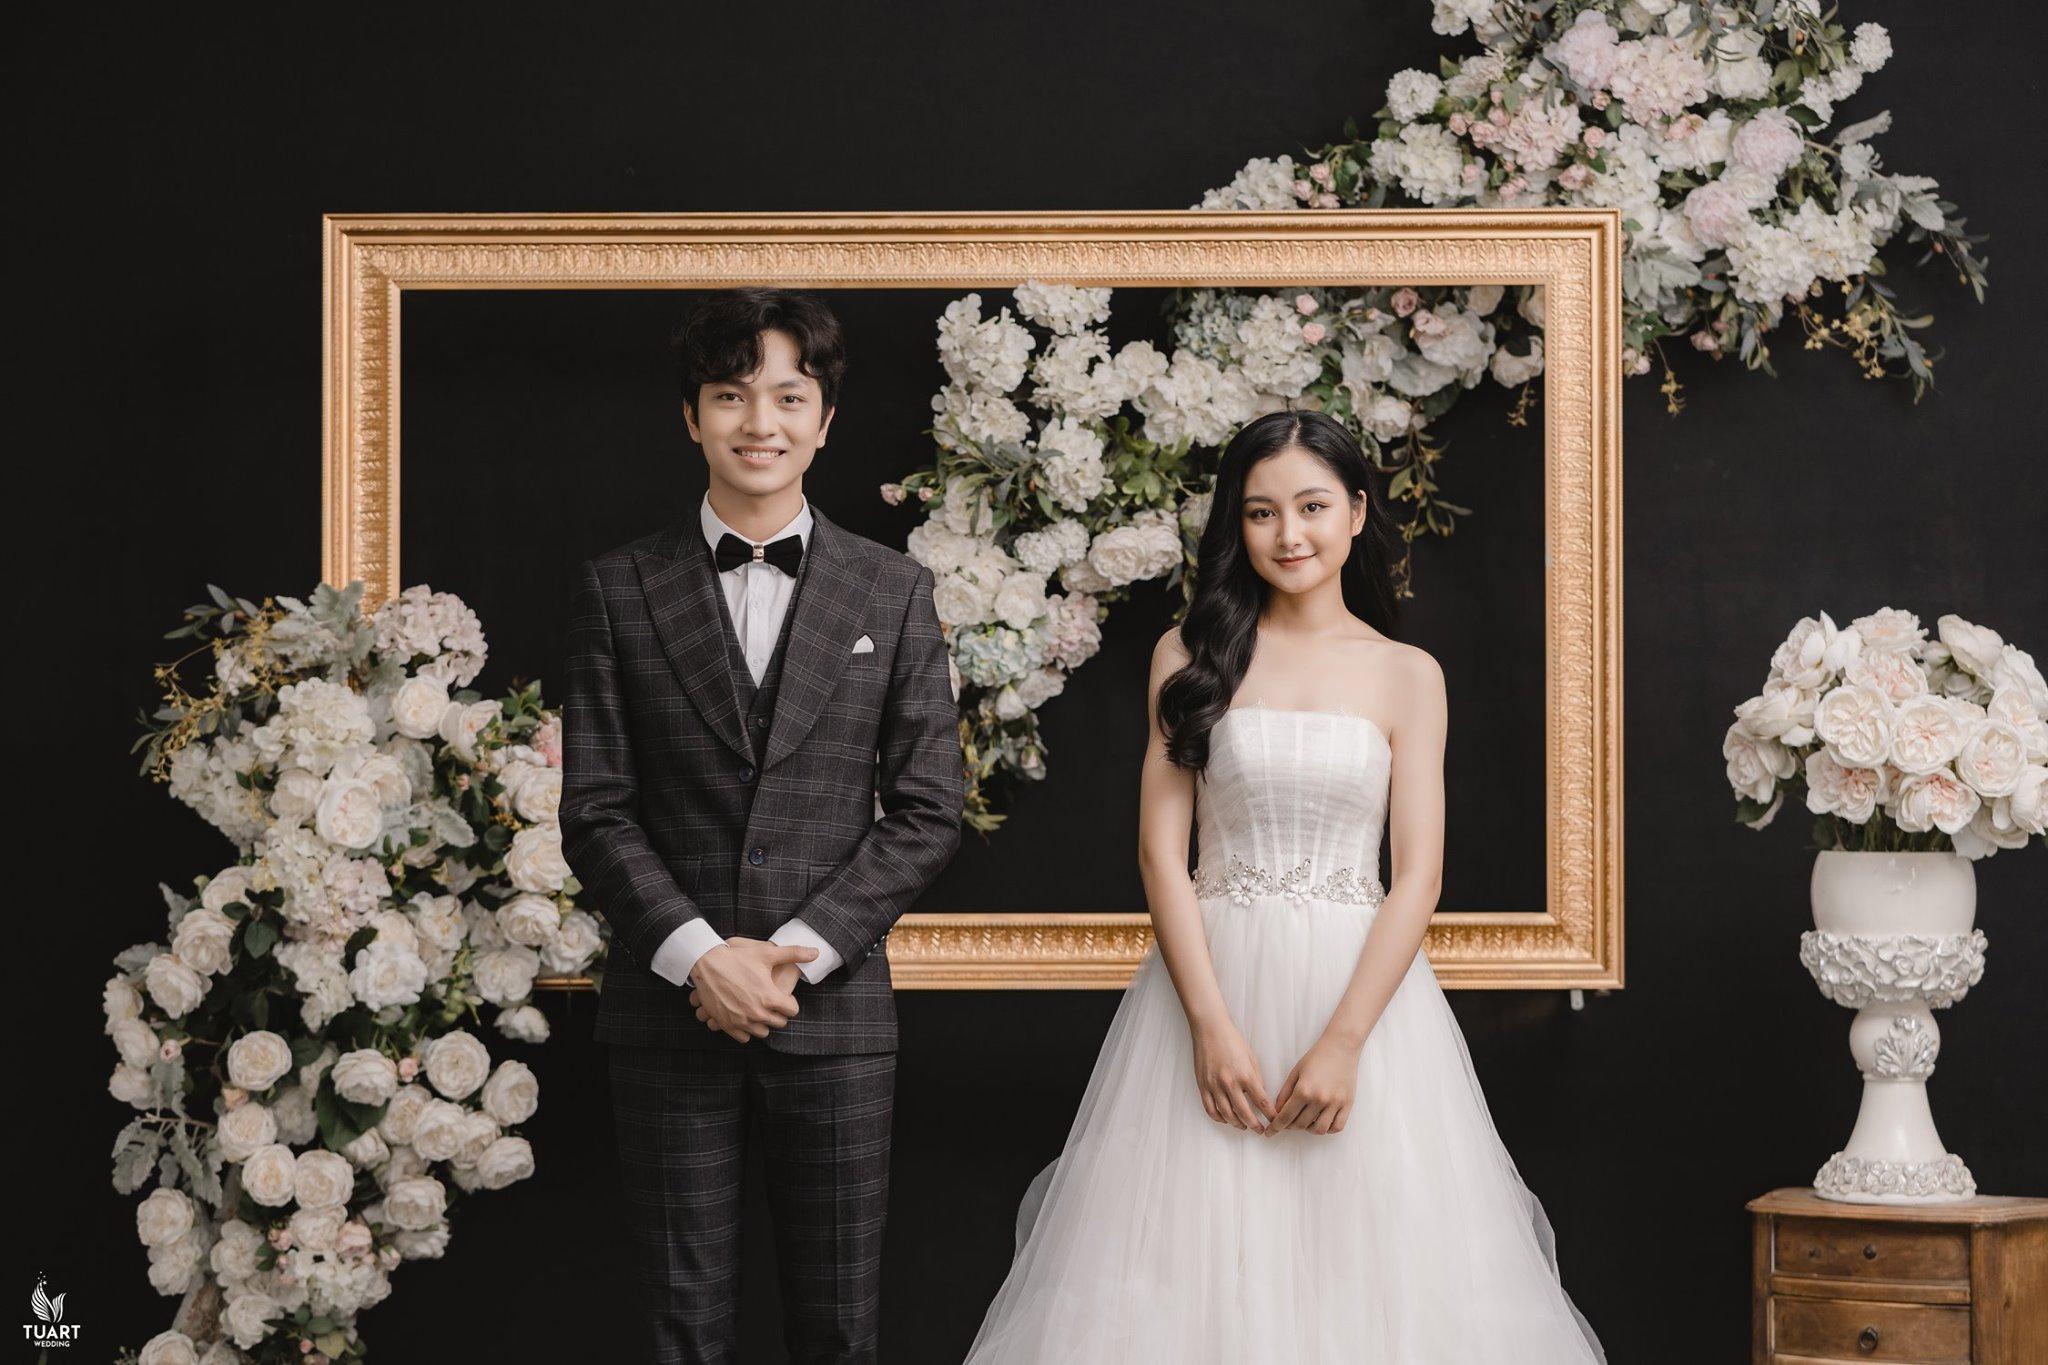 Album tại TuArt - Album chụp ảnh cưới đẹp phong cách Hàn Quốc 24